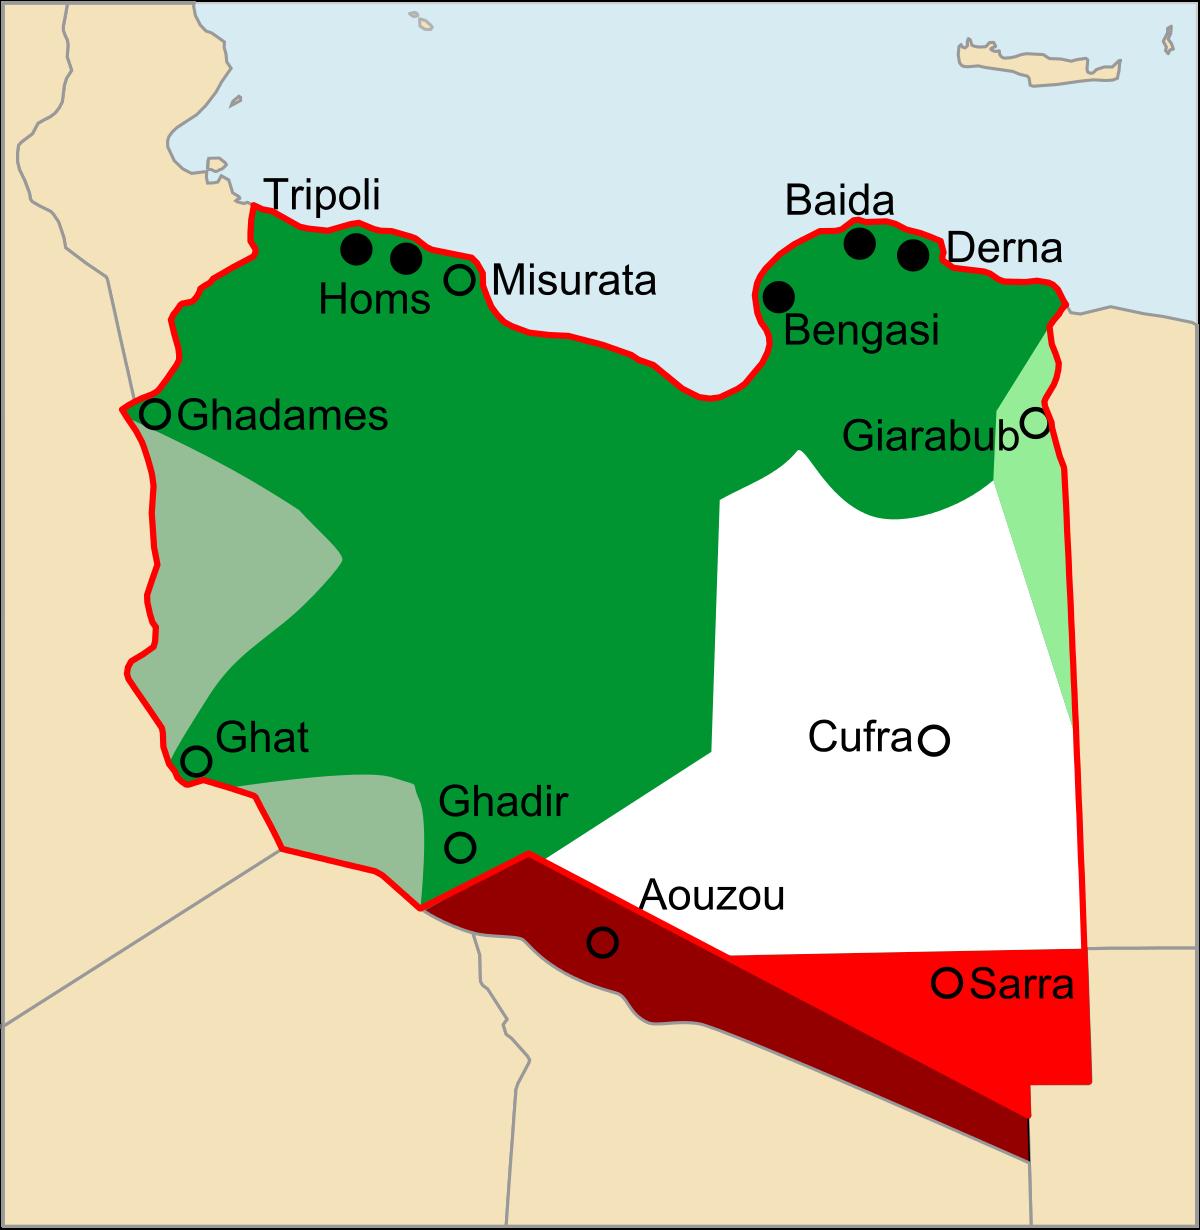 LIBIA. FARNESINA: BENE NOMINA AUTORITÀ PER LE ELEZIONI DEL 2021.